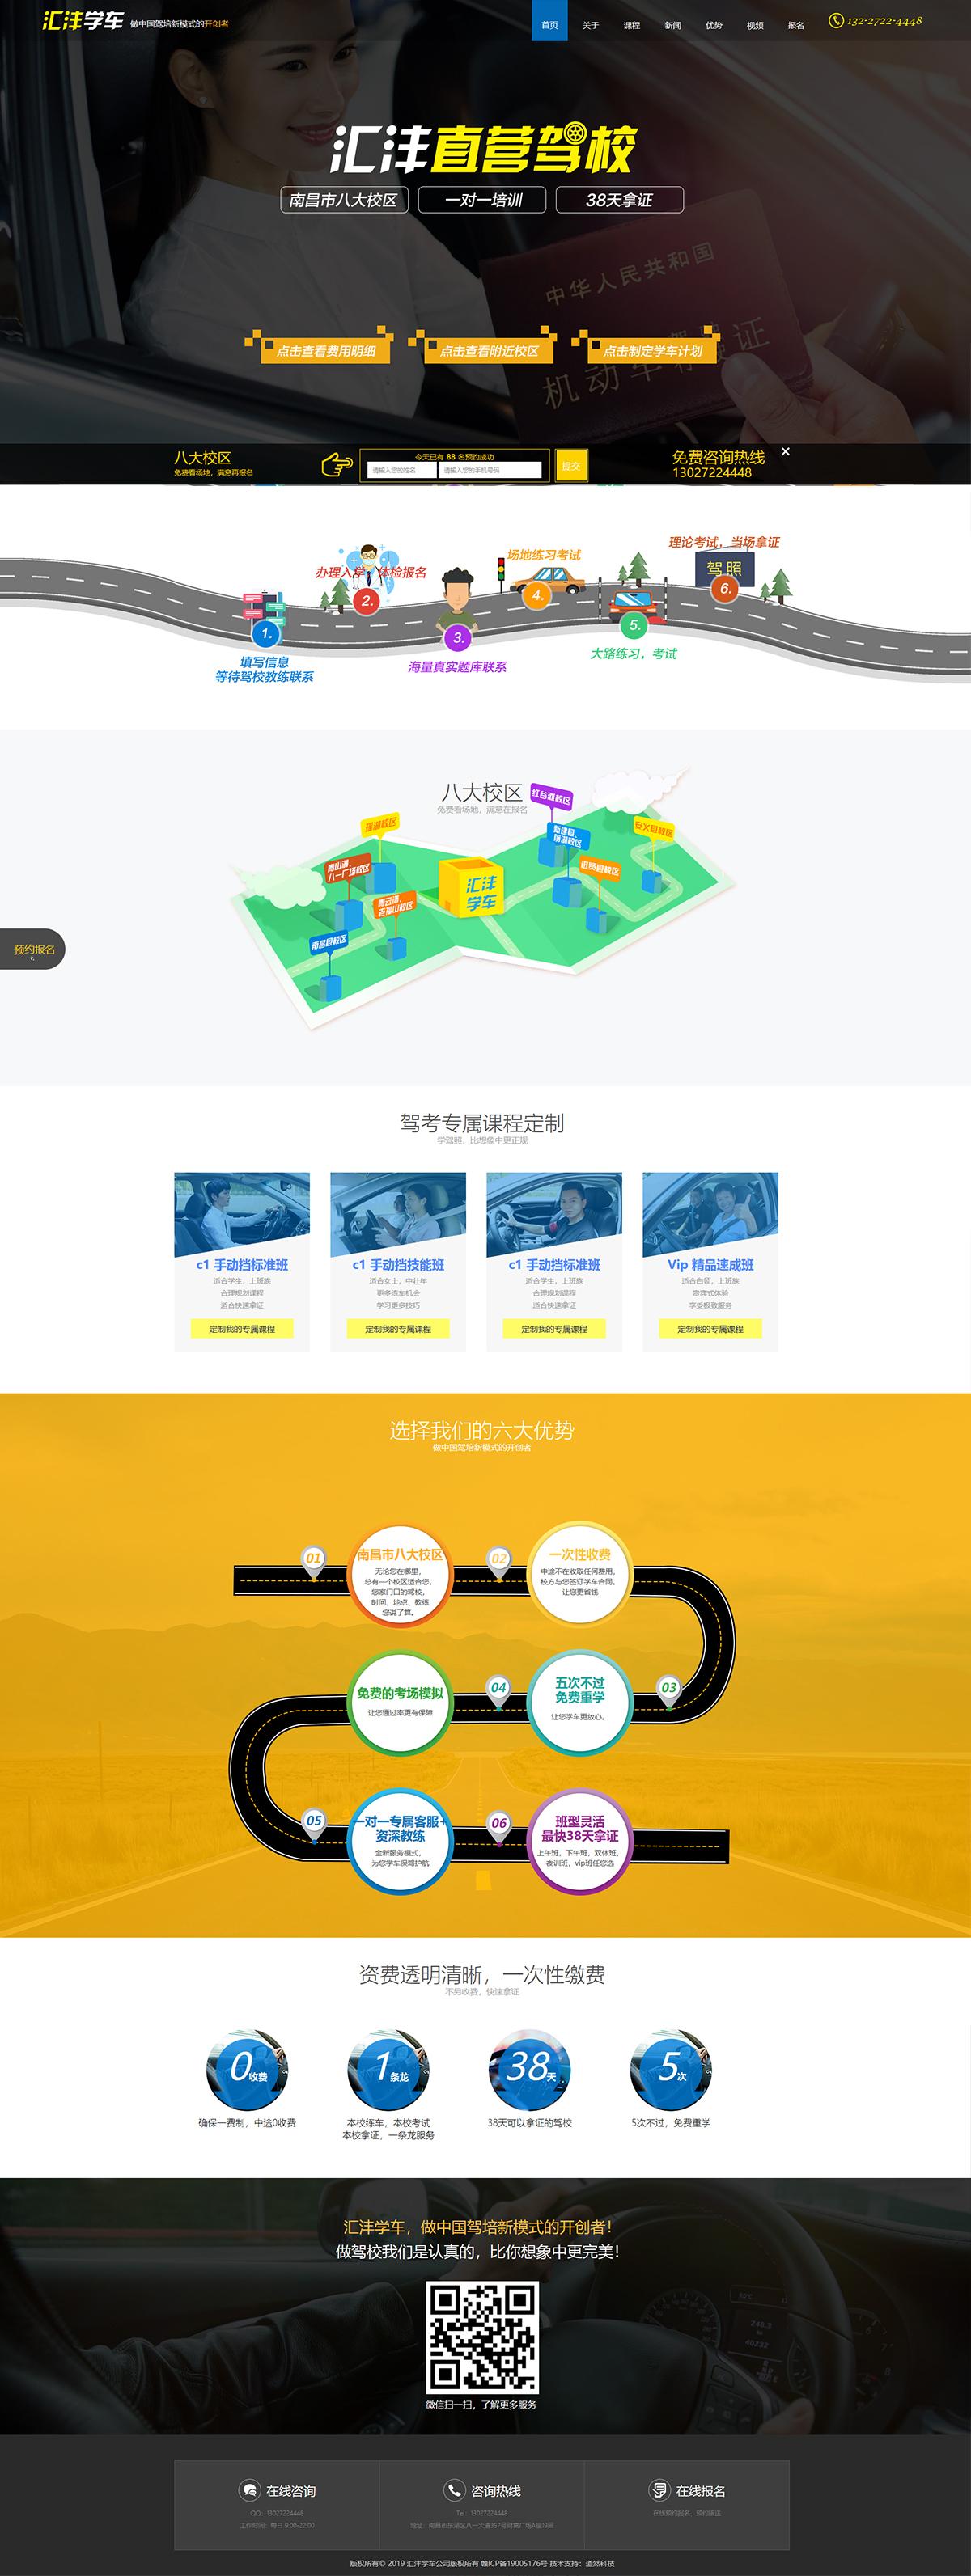 南昌驾校学车类营销型网站建设.jpg